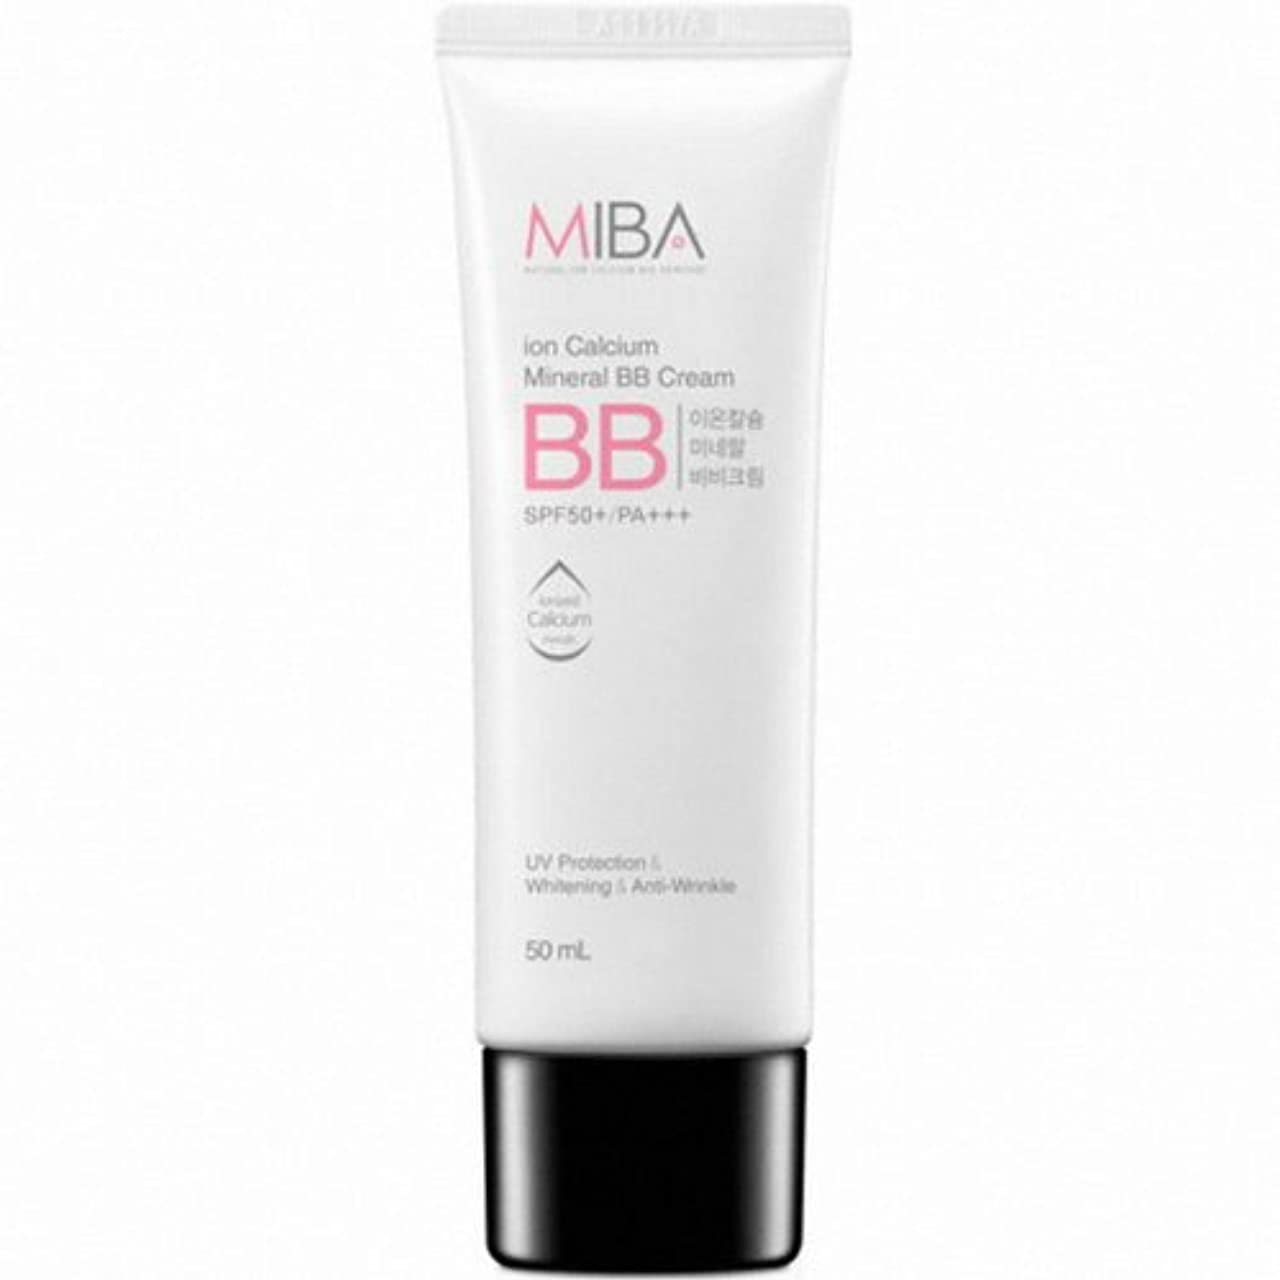 大脳構築するとしてMINERALBIO (ミネラルバイオ) ミバ イオン カルシウム ミネラル ビビクリーム / MIBA Ion Calcium Mineral BB Cream (50ml) [並行輸入品]